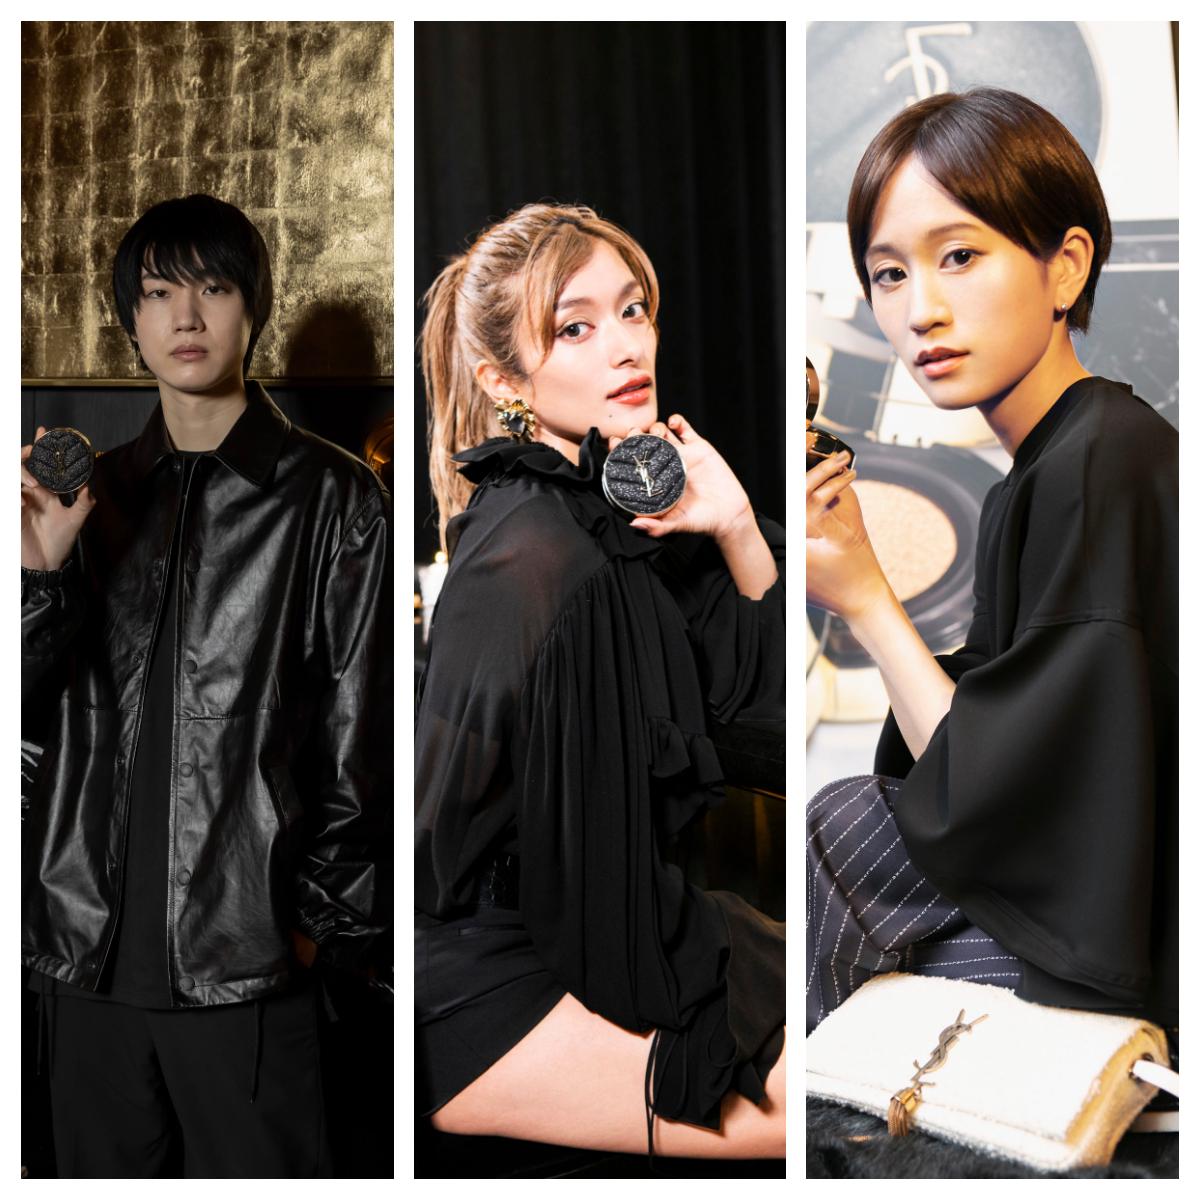 桜田通さん、ローラさん、前田敦子さん